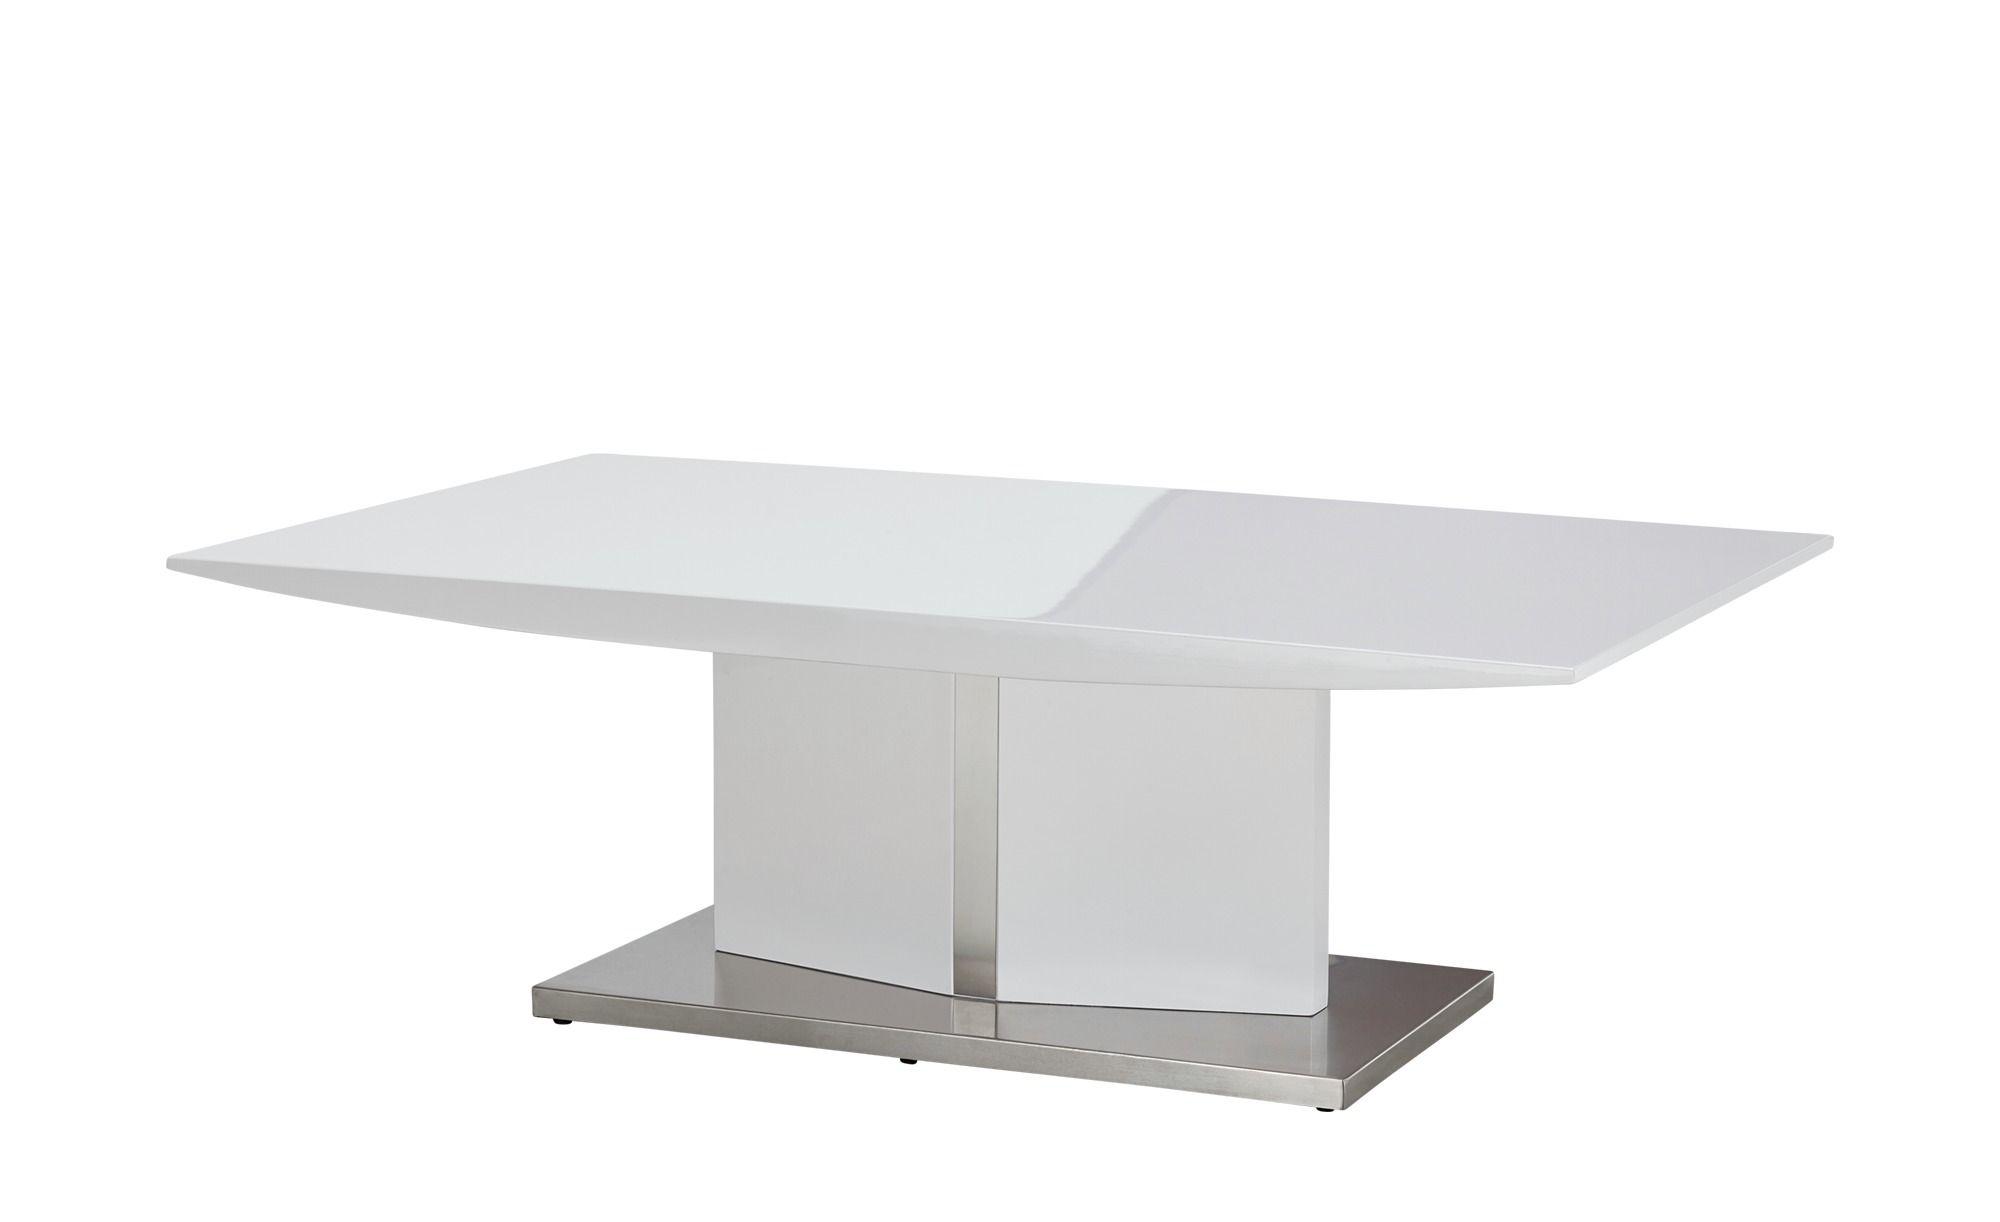 Couchtisch Hannover Weiss Masse Cm B 70 H 40 T 70 Tische